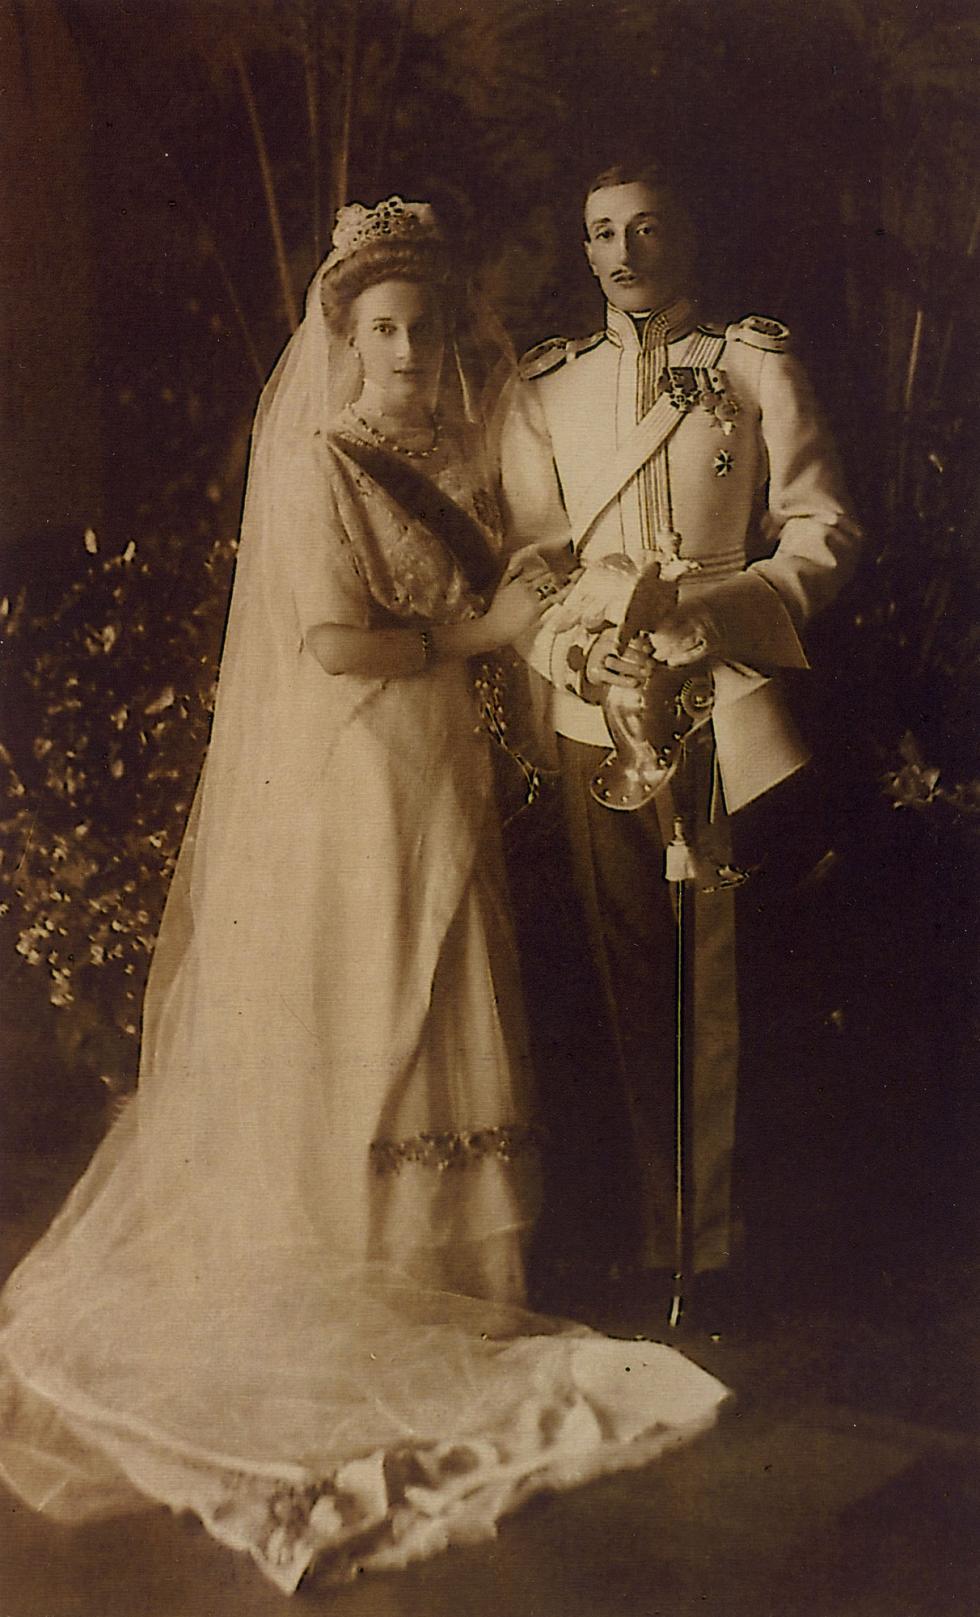 塔季娅娜·康斯坦丁诺夫娜公女和格鲁吉亚公爵康斯坦丁·巴格拉季昂-穆赫兰斯基。图片来源:公开来源